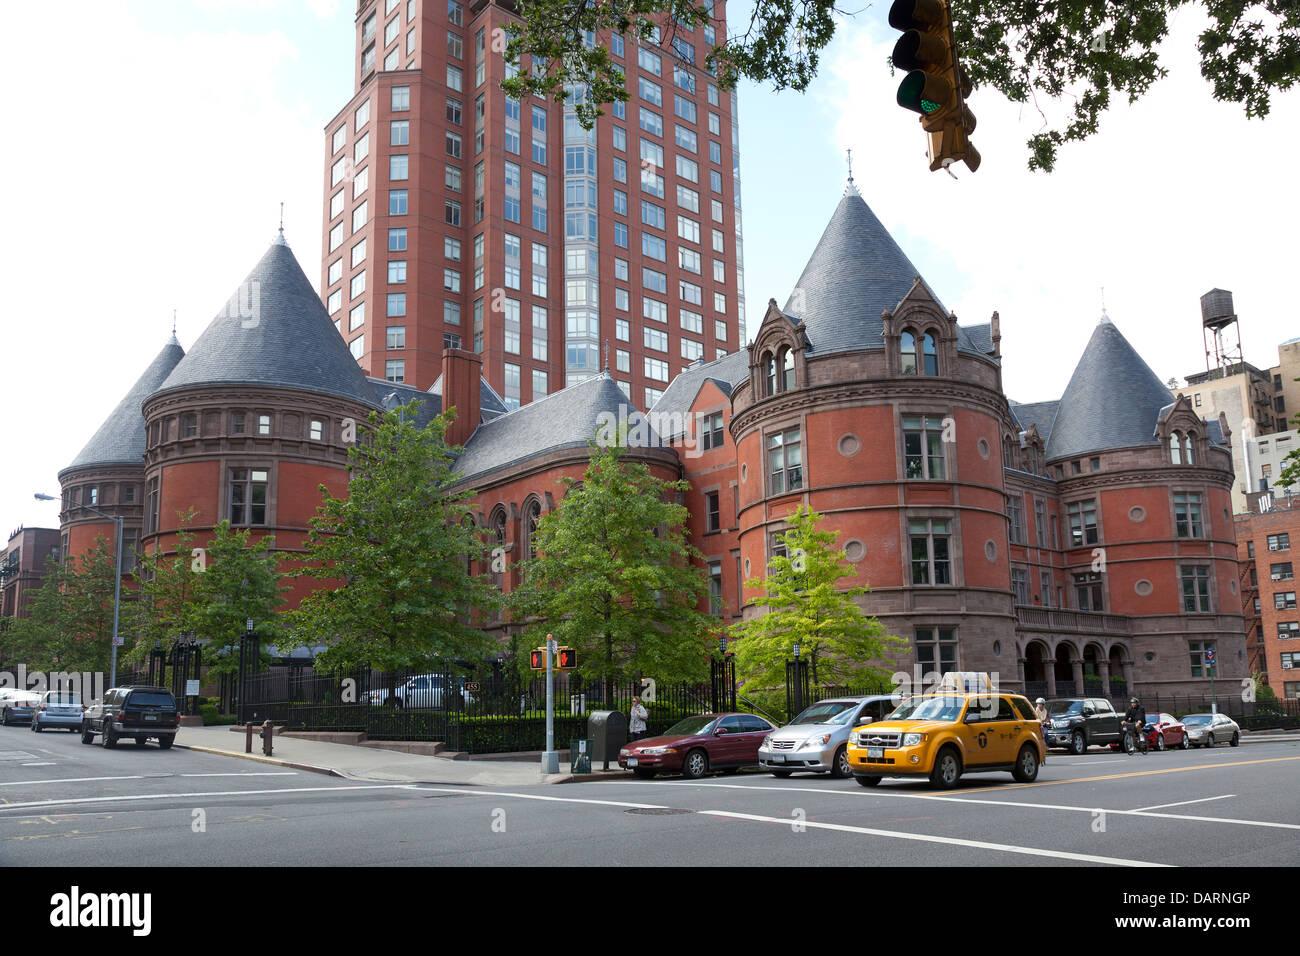 Der ehemalige New York Cancer Hospital, jetzt Luxus-Eigentumswohnungen in New York City Stockbild